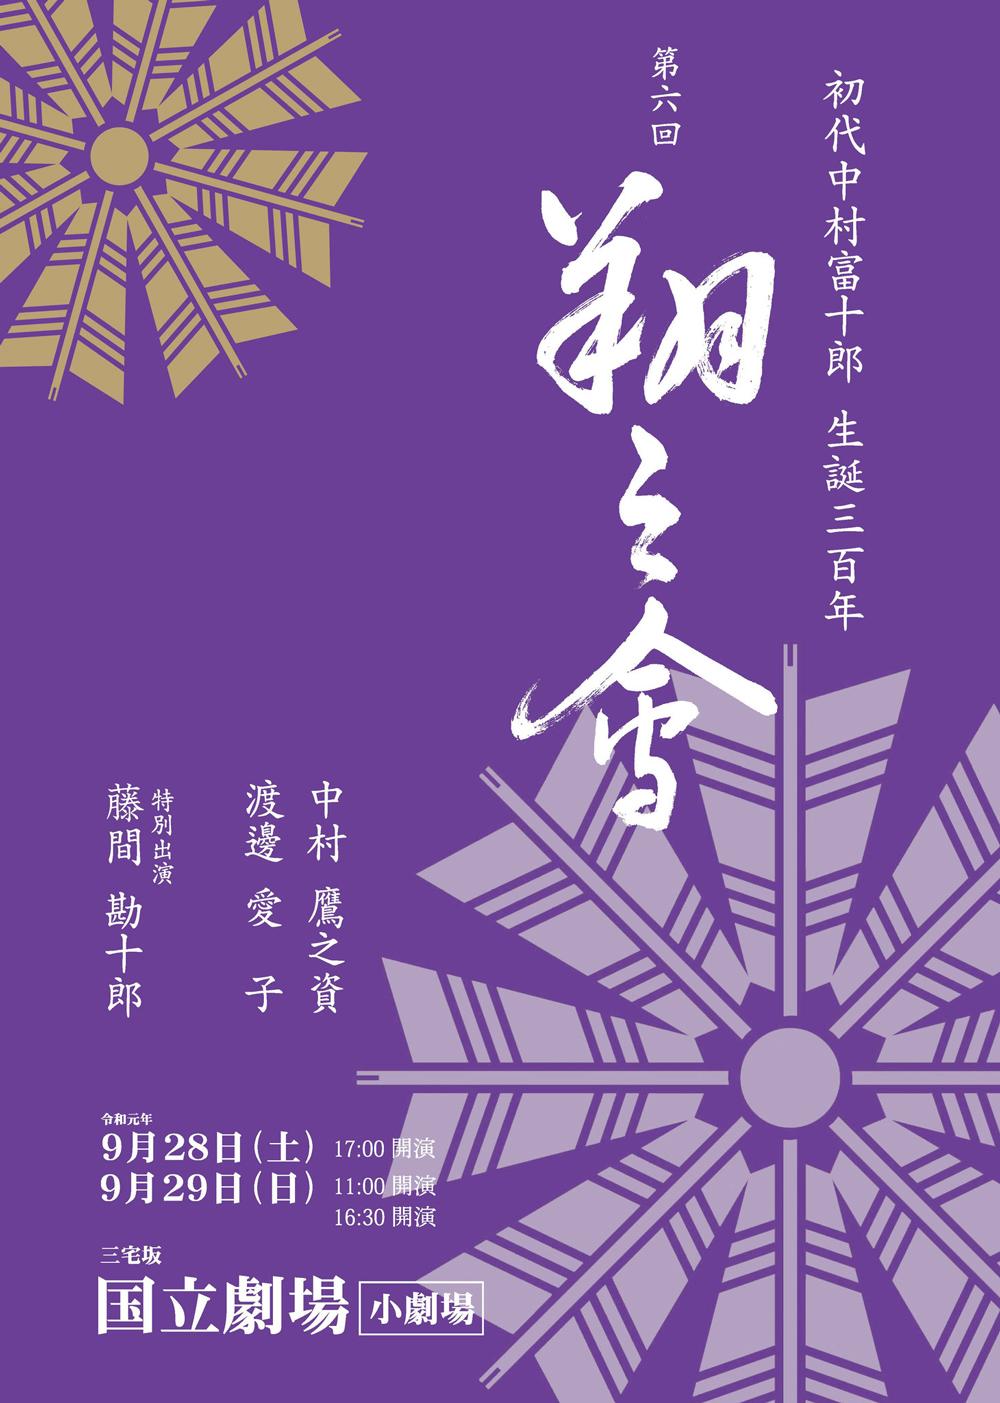 鷹之資勉強会「第六回 翔之會」のお知らせ